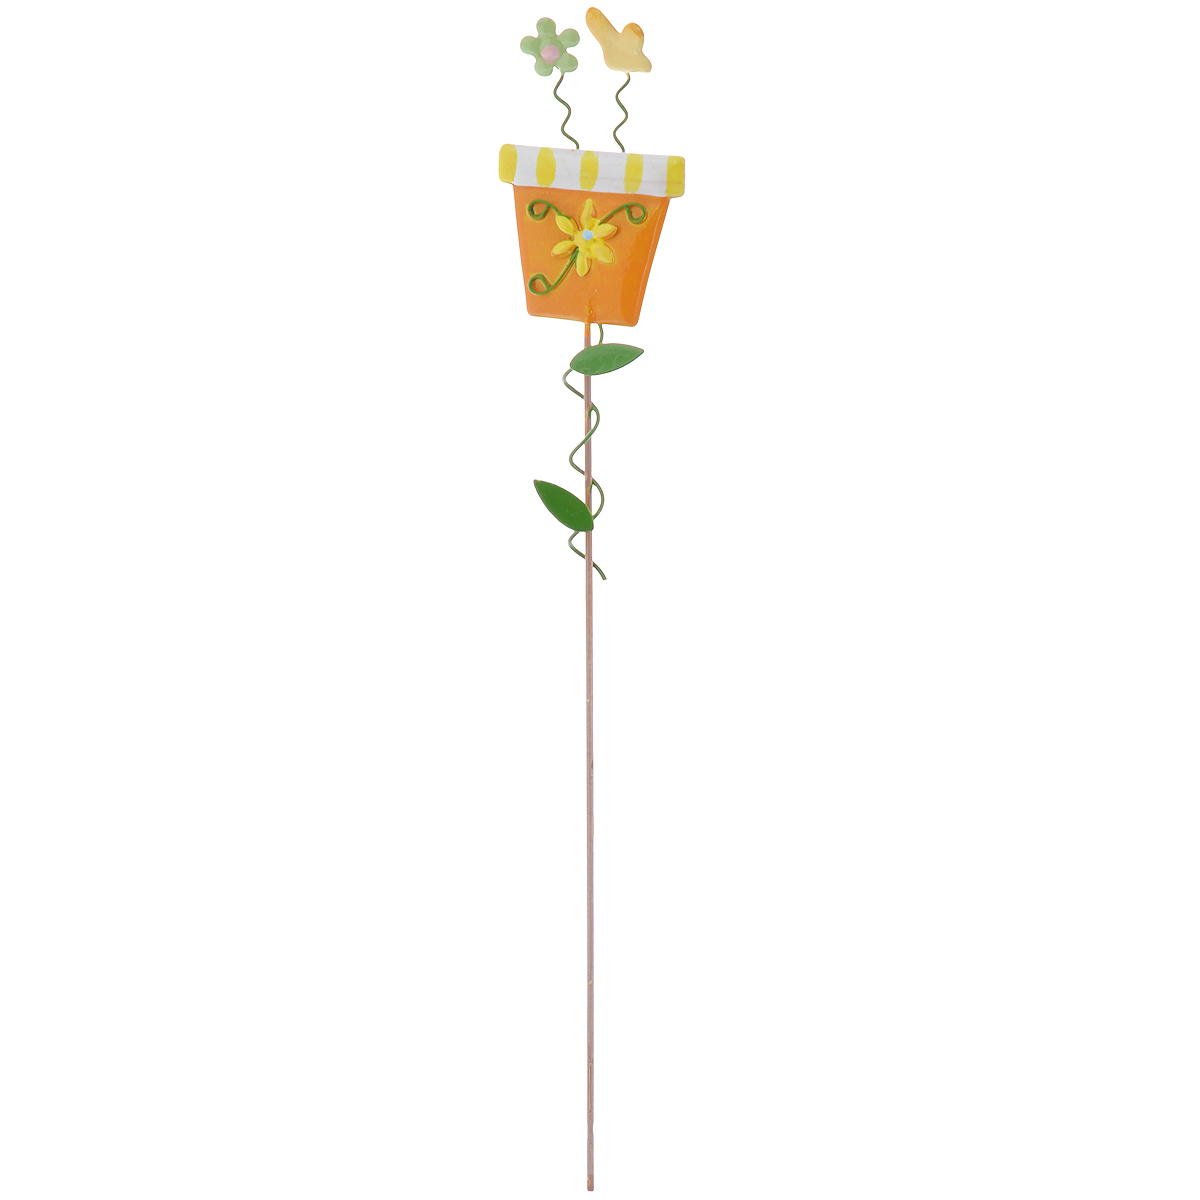 Украшение на ножке Village People Солнечная клумба, цвет: оранжевый, высота 30 смZ-0307Украшение на ножке Village People Солнечная клумба поможет вам дополнить экстерьер красивой и яркой деталью. Такое украшение очень просто вставляется в землю с помощью длинной ножки, оно отлично переносит любые погодные условия и прослужит долгое время. Идеально подходит для декорирования садового участка, грядок, клумб, домашних цветов в горшках, а также для поддержки и правильного роста декоративных растений.Размер декоративного элемента: 4,5 см х 7,5 см. Высота: 30 см.